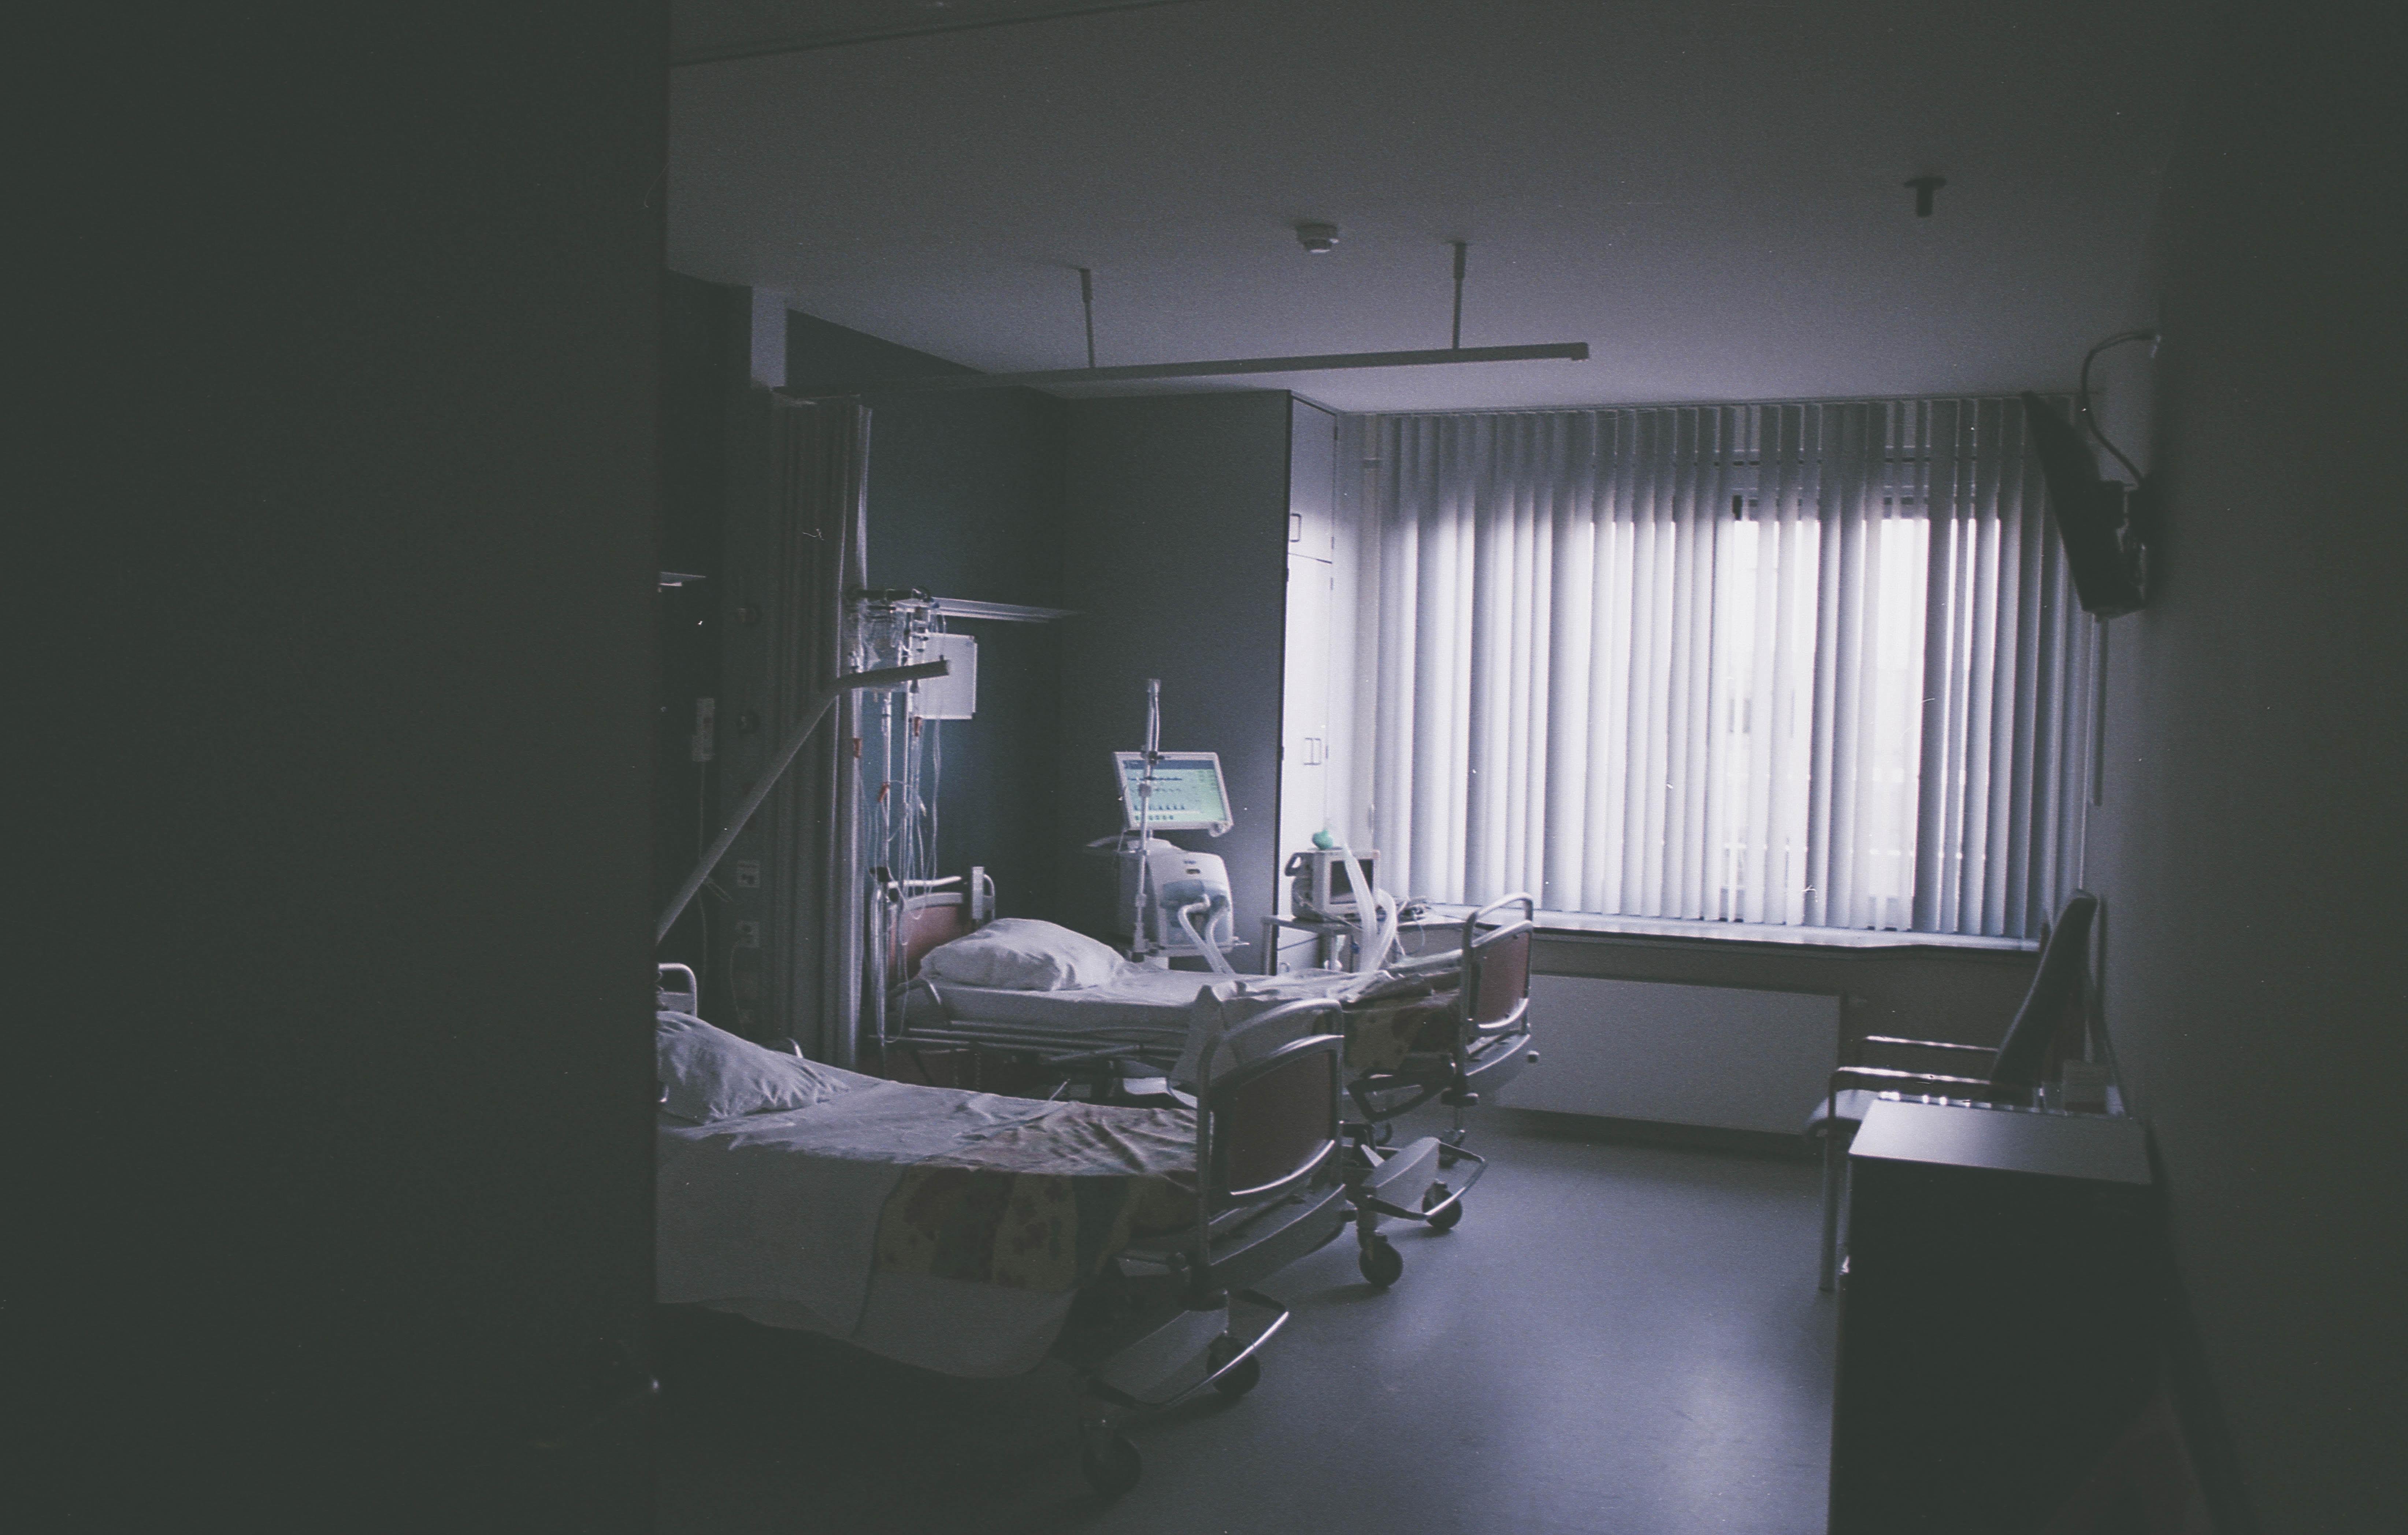 Hospitalized